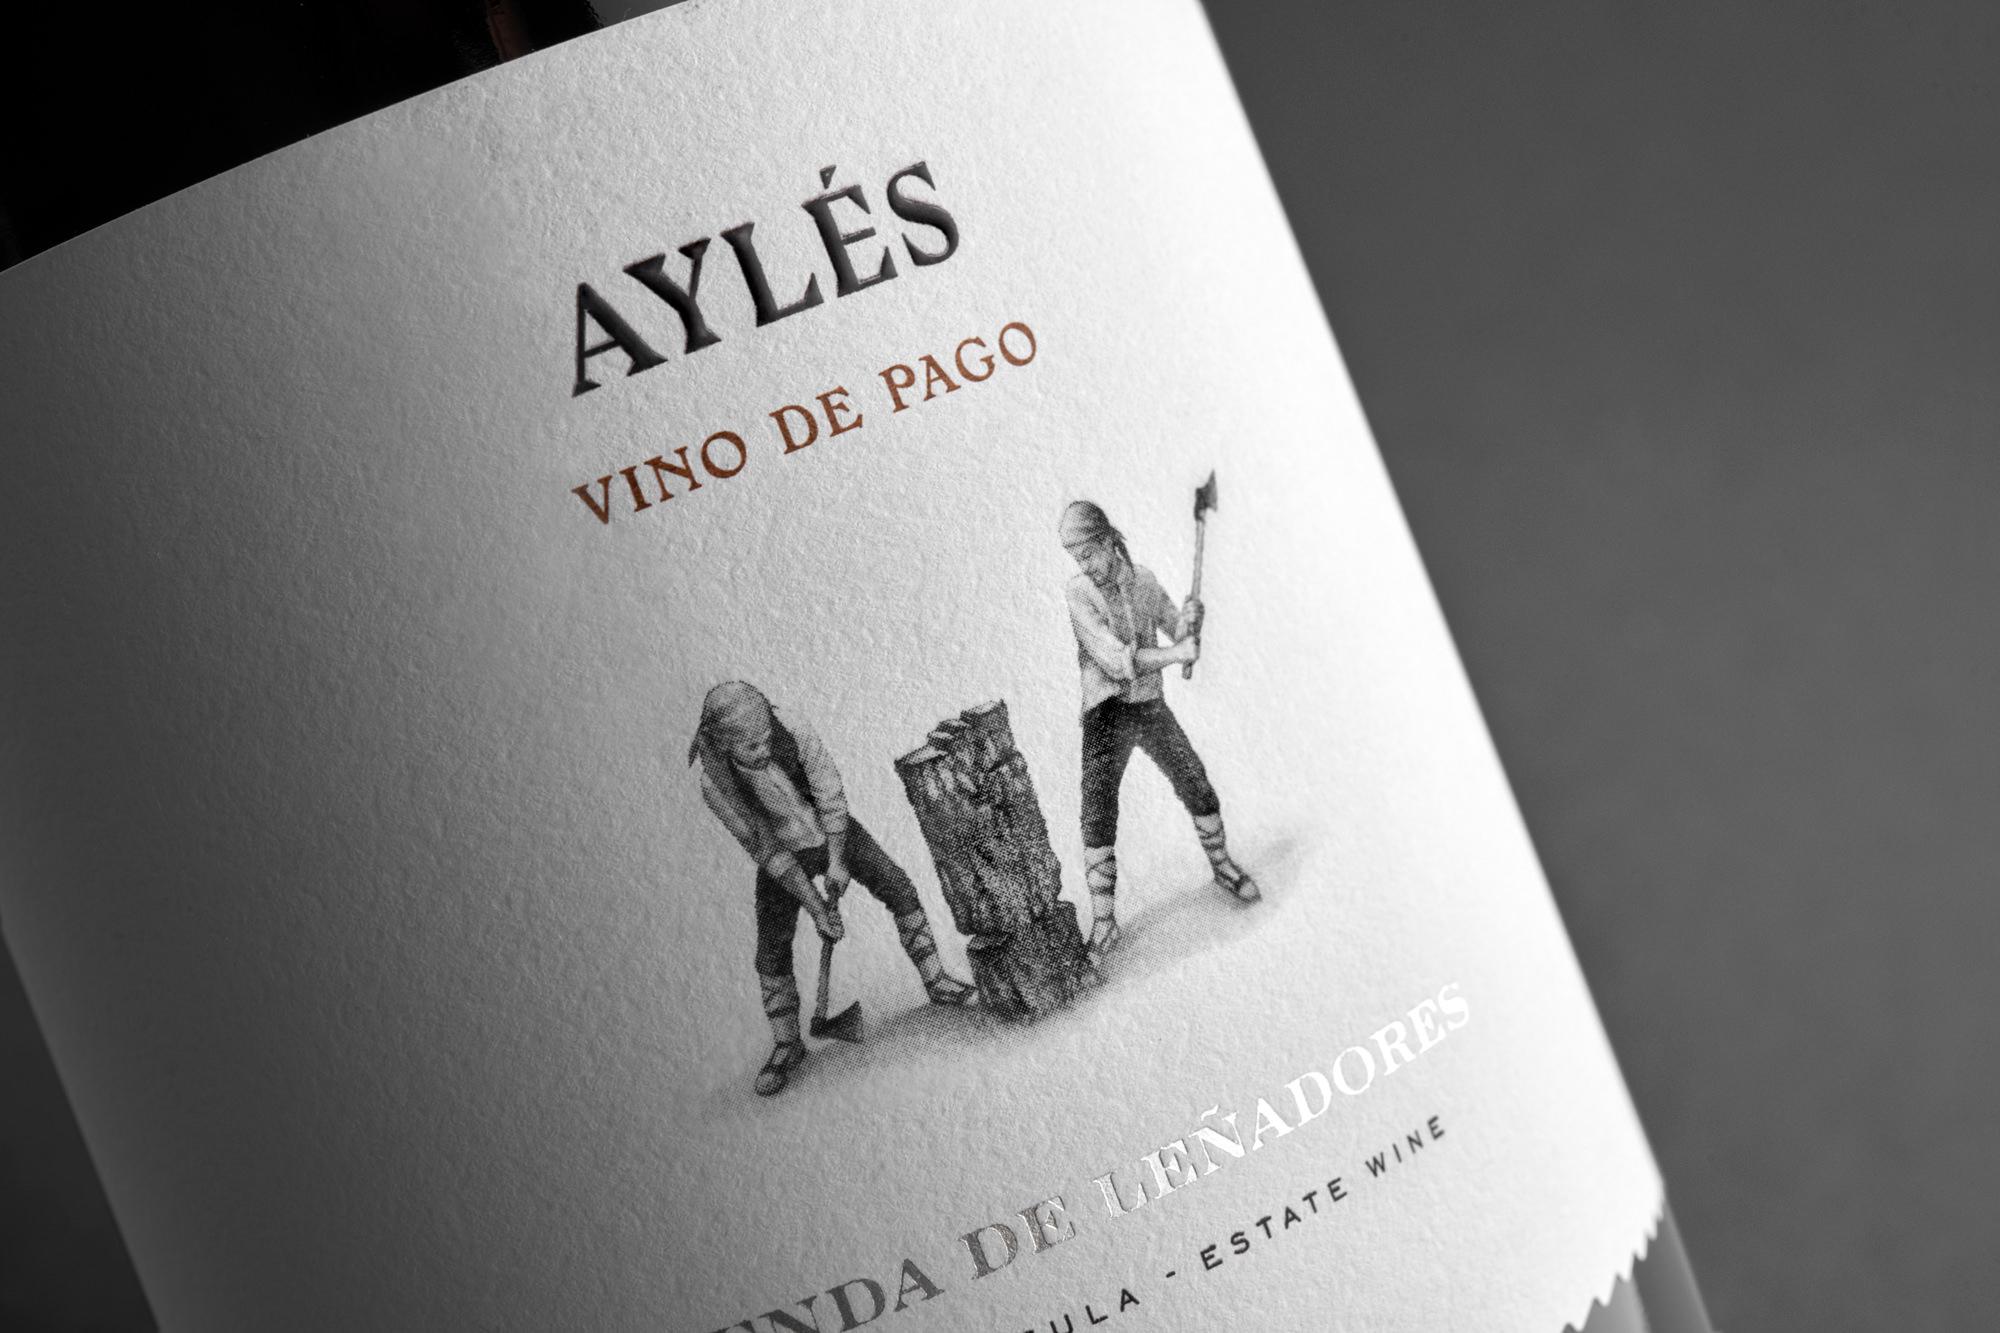 Ayles2